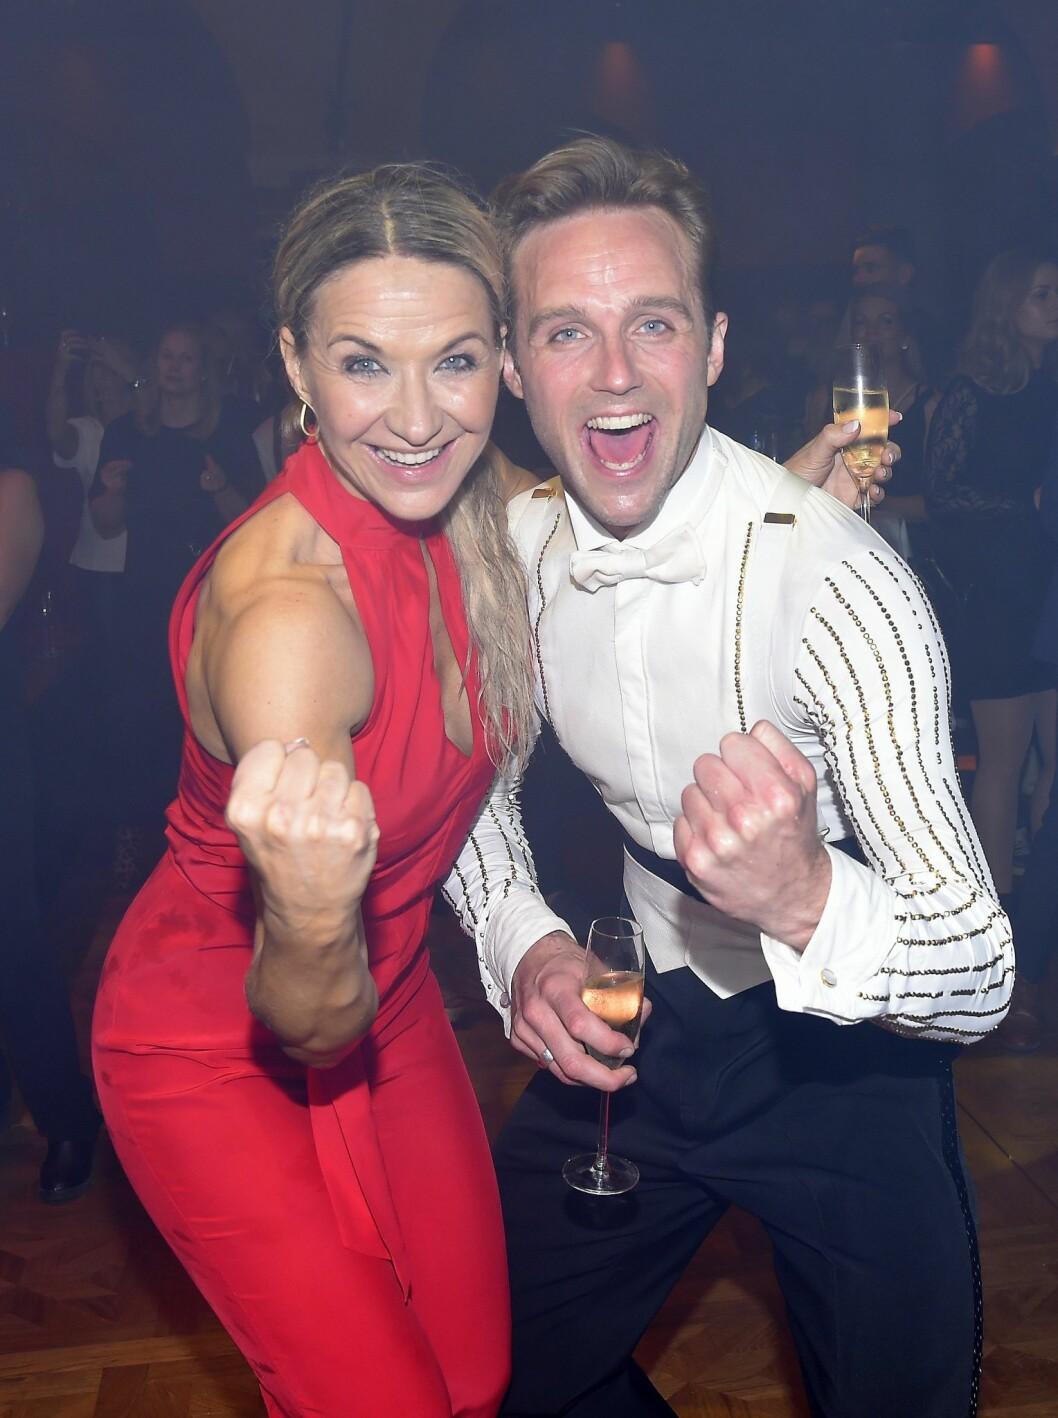 Förra året tog Kristin Kaspersen och Calle Sterner hem vinsten i Let´s dance i TV4.